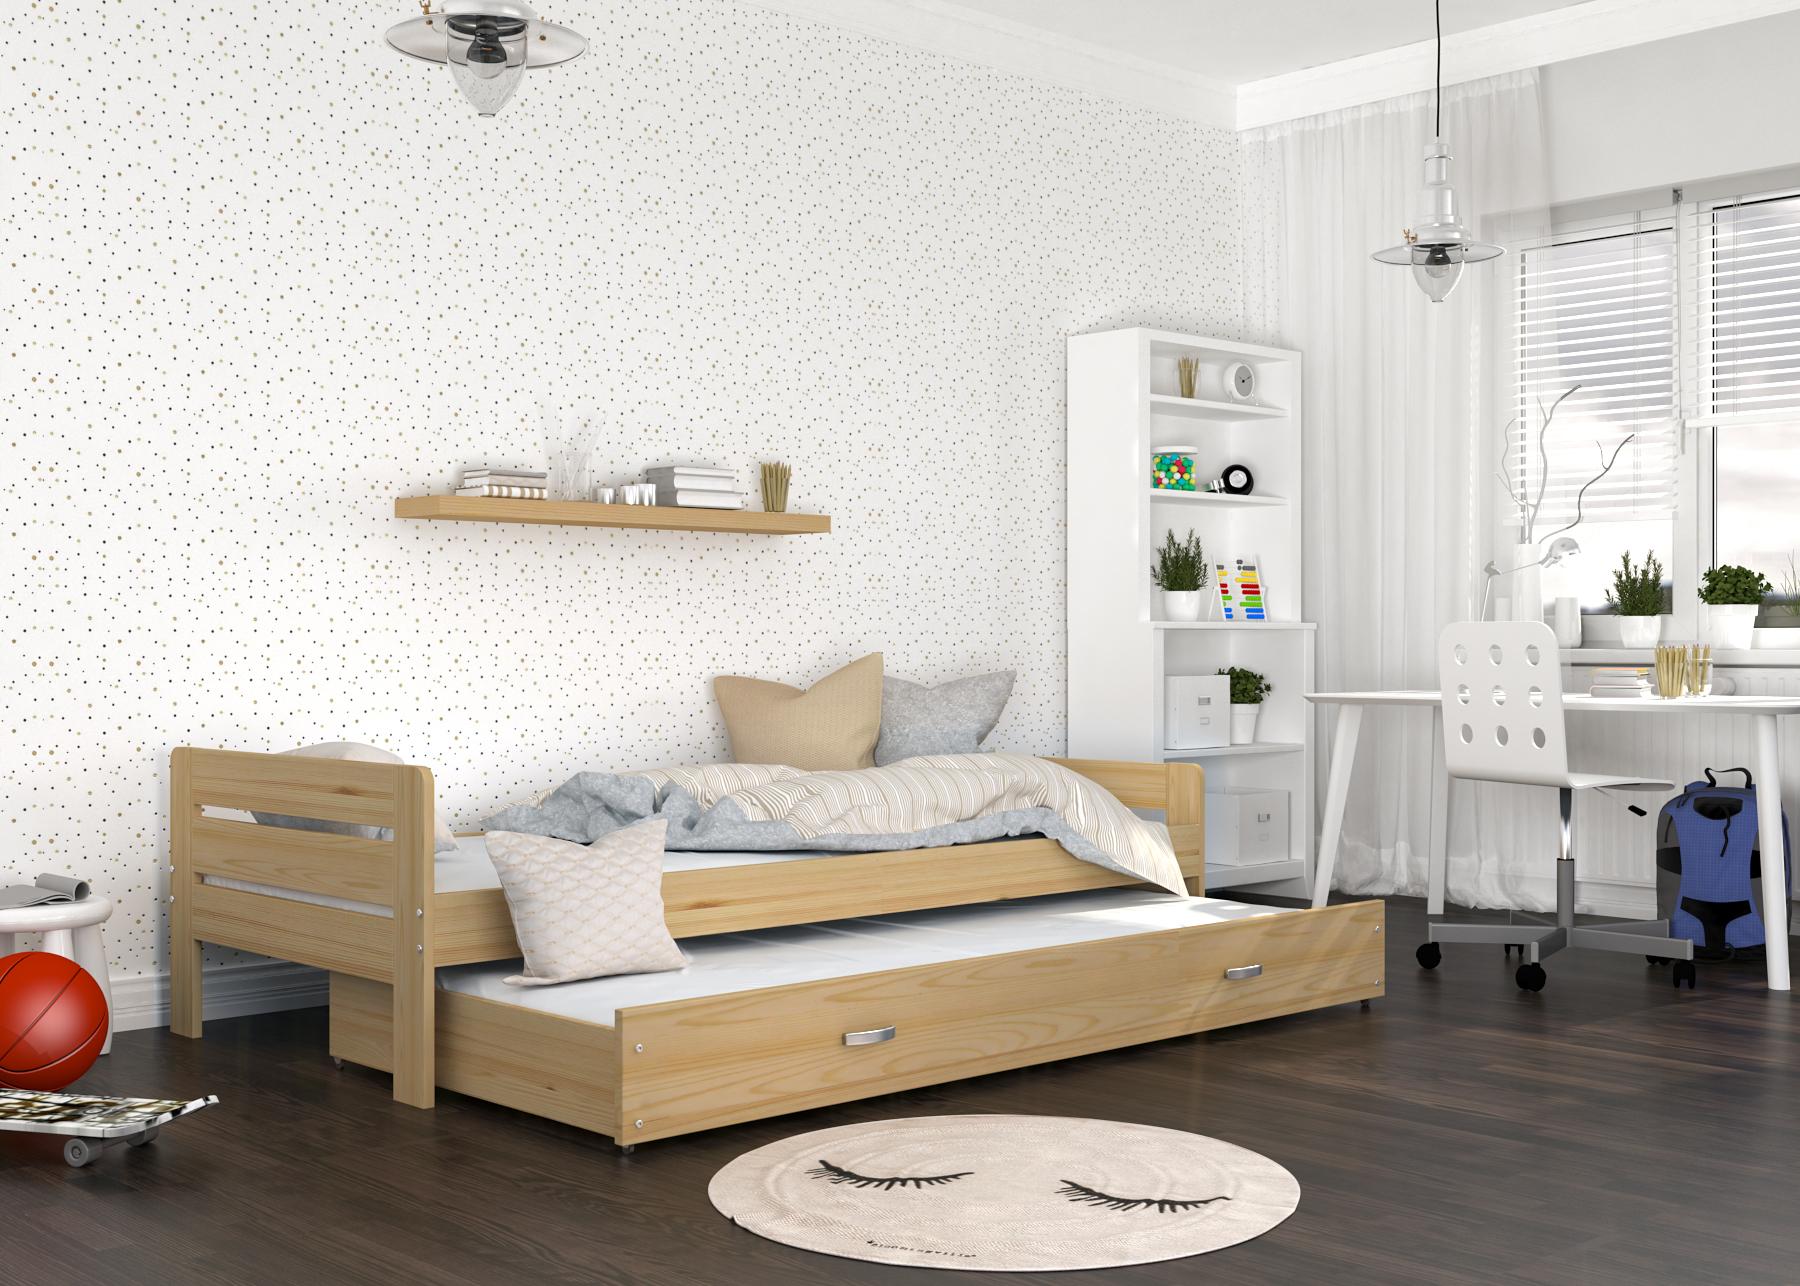 ArtAJ Detská posteľ Ben Farba: Borovica, Typ: s matracom